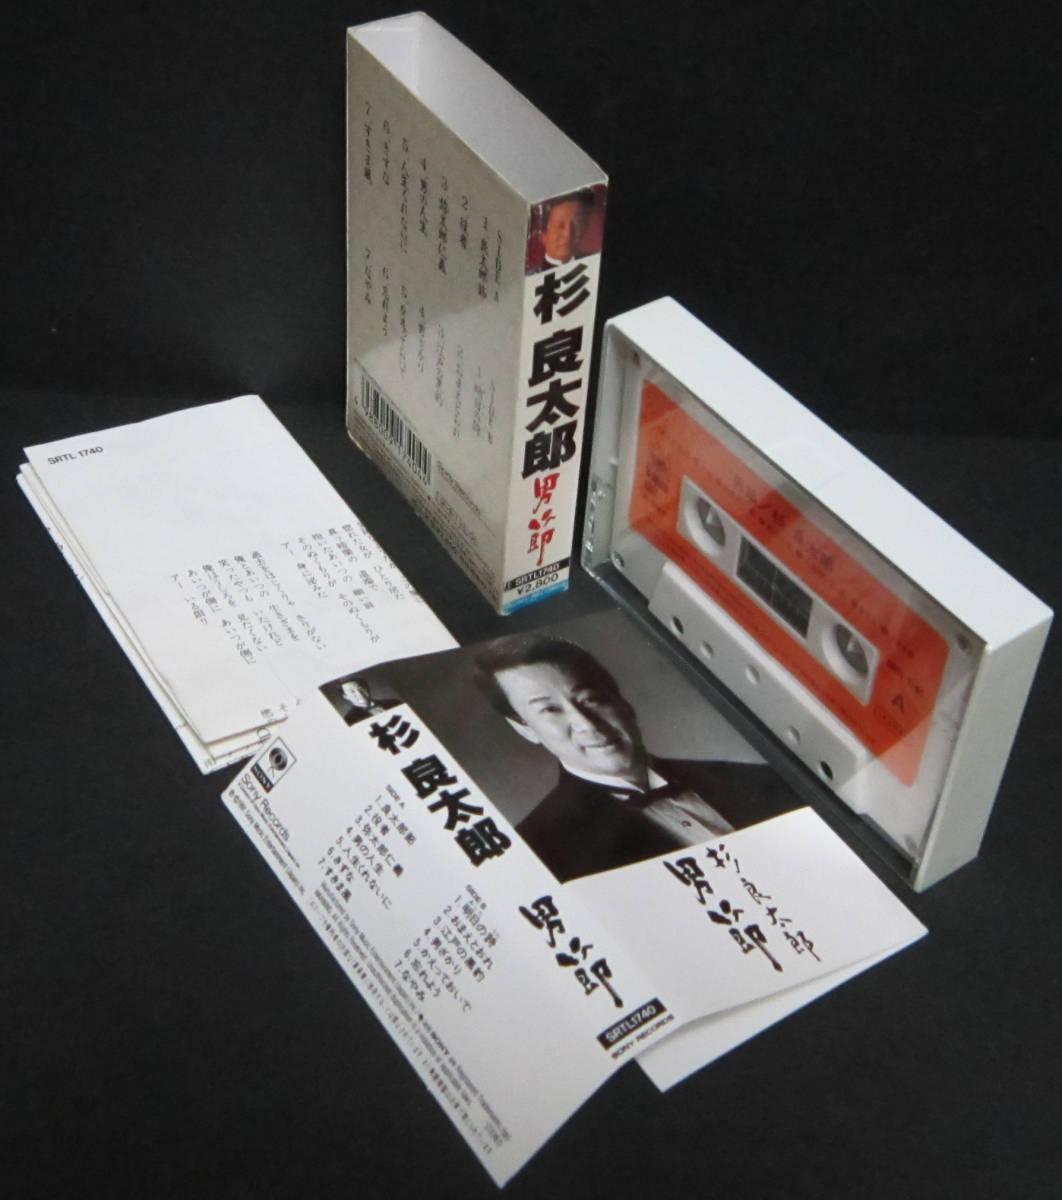 カセットテープ[杉良太郎/男節]_画像4